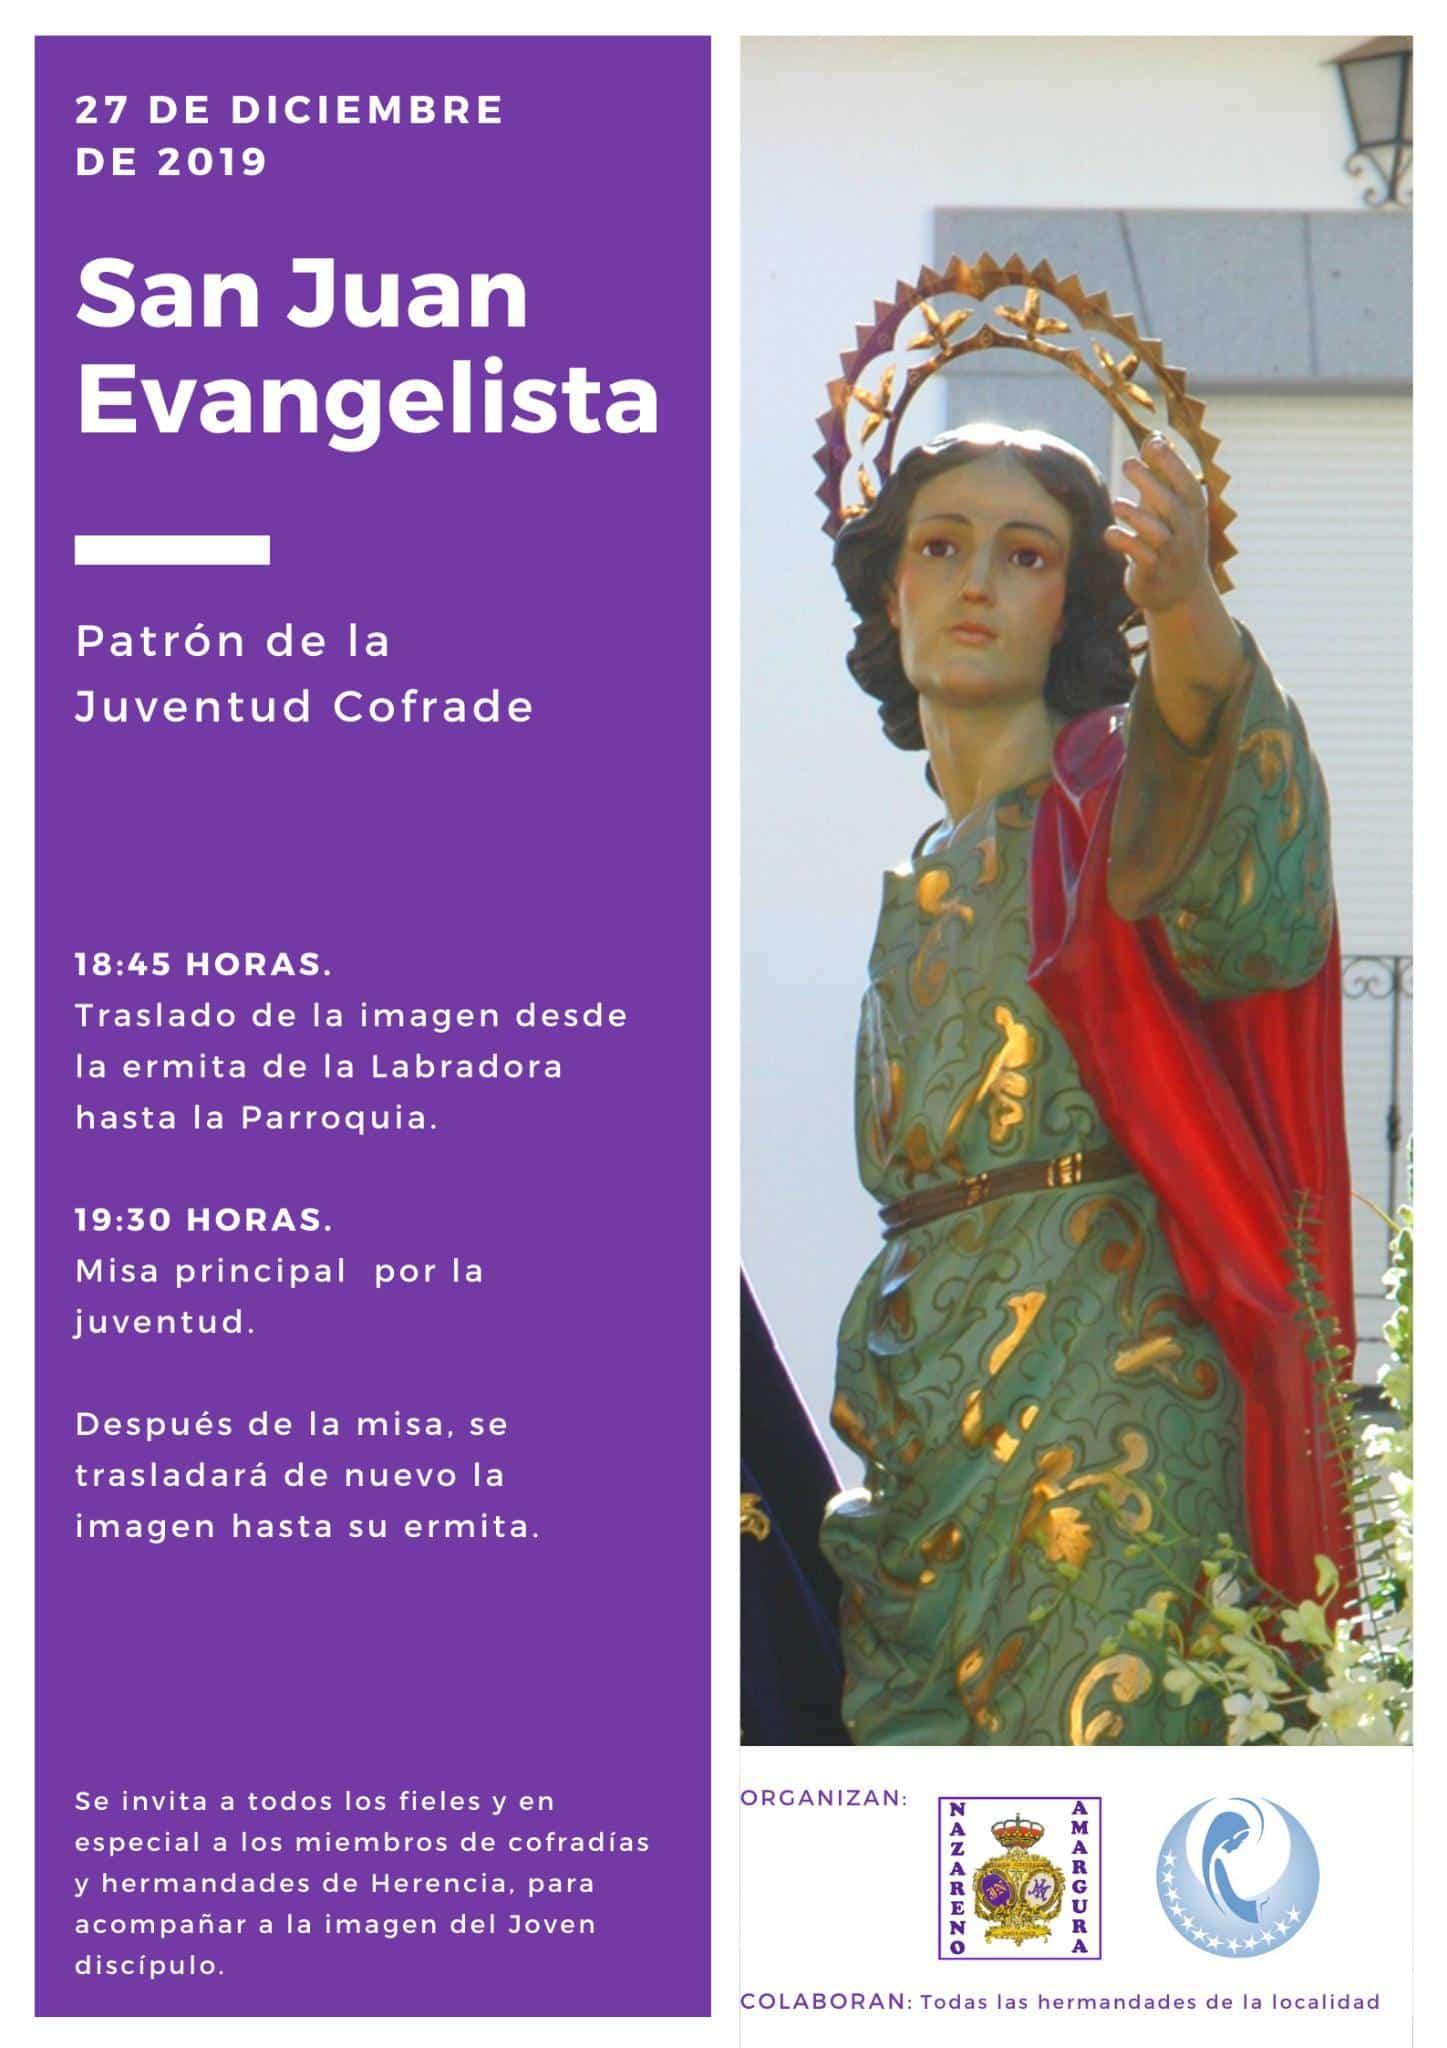 Traslado extraordinario de la imagen de San Juan Evangelista 3